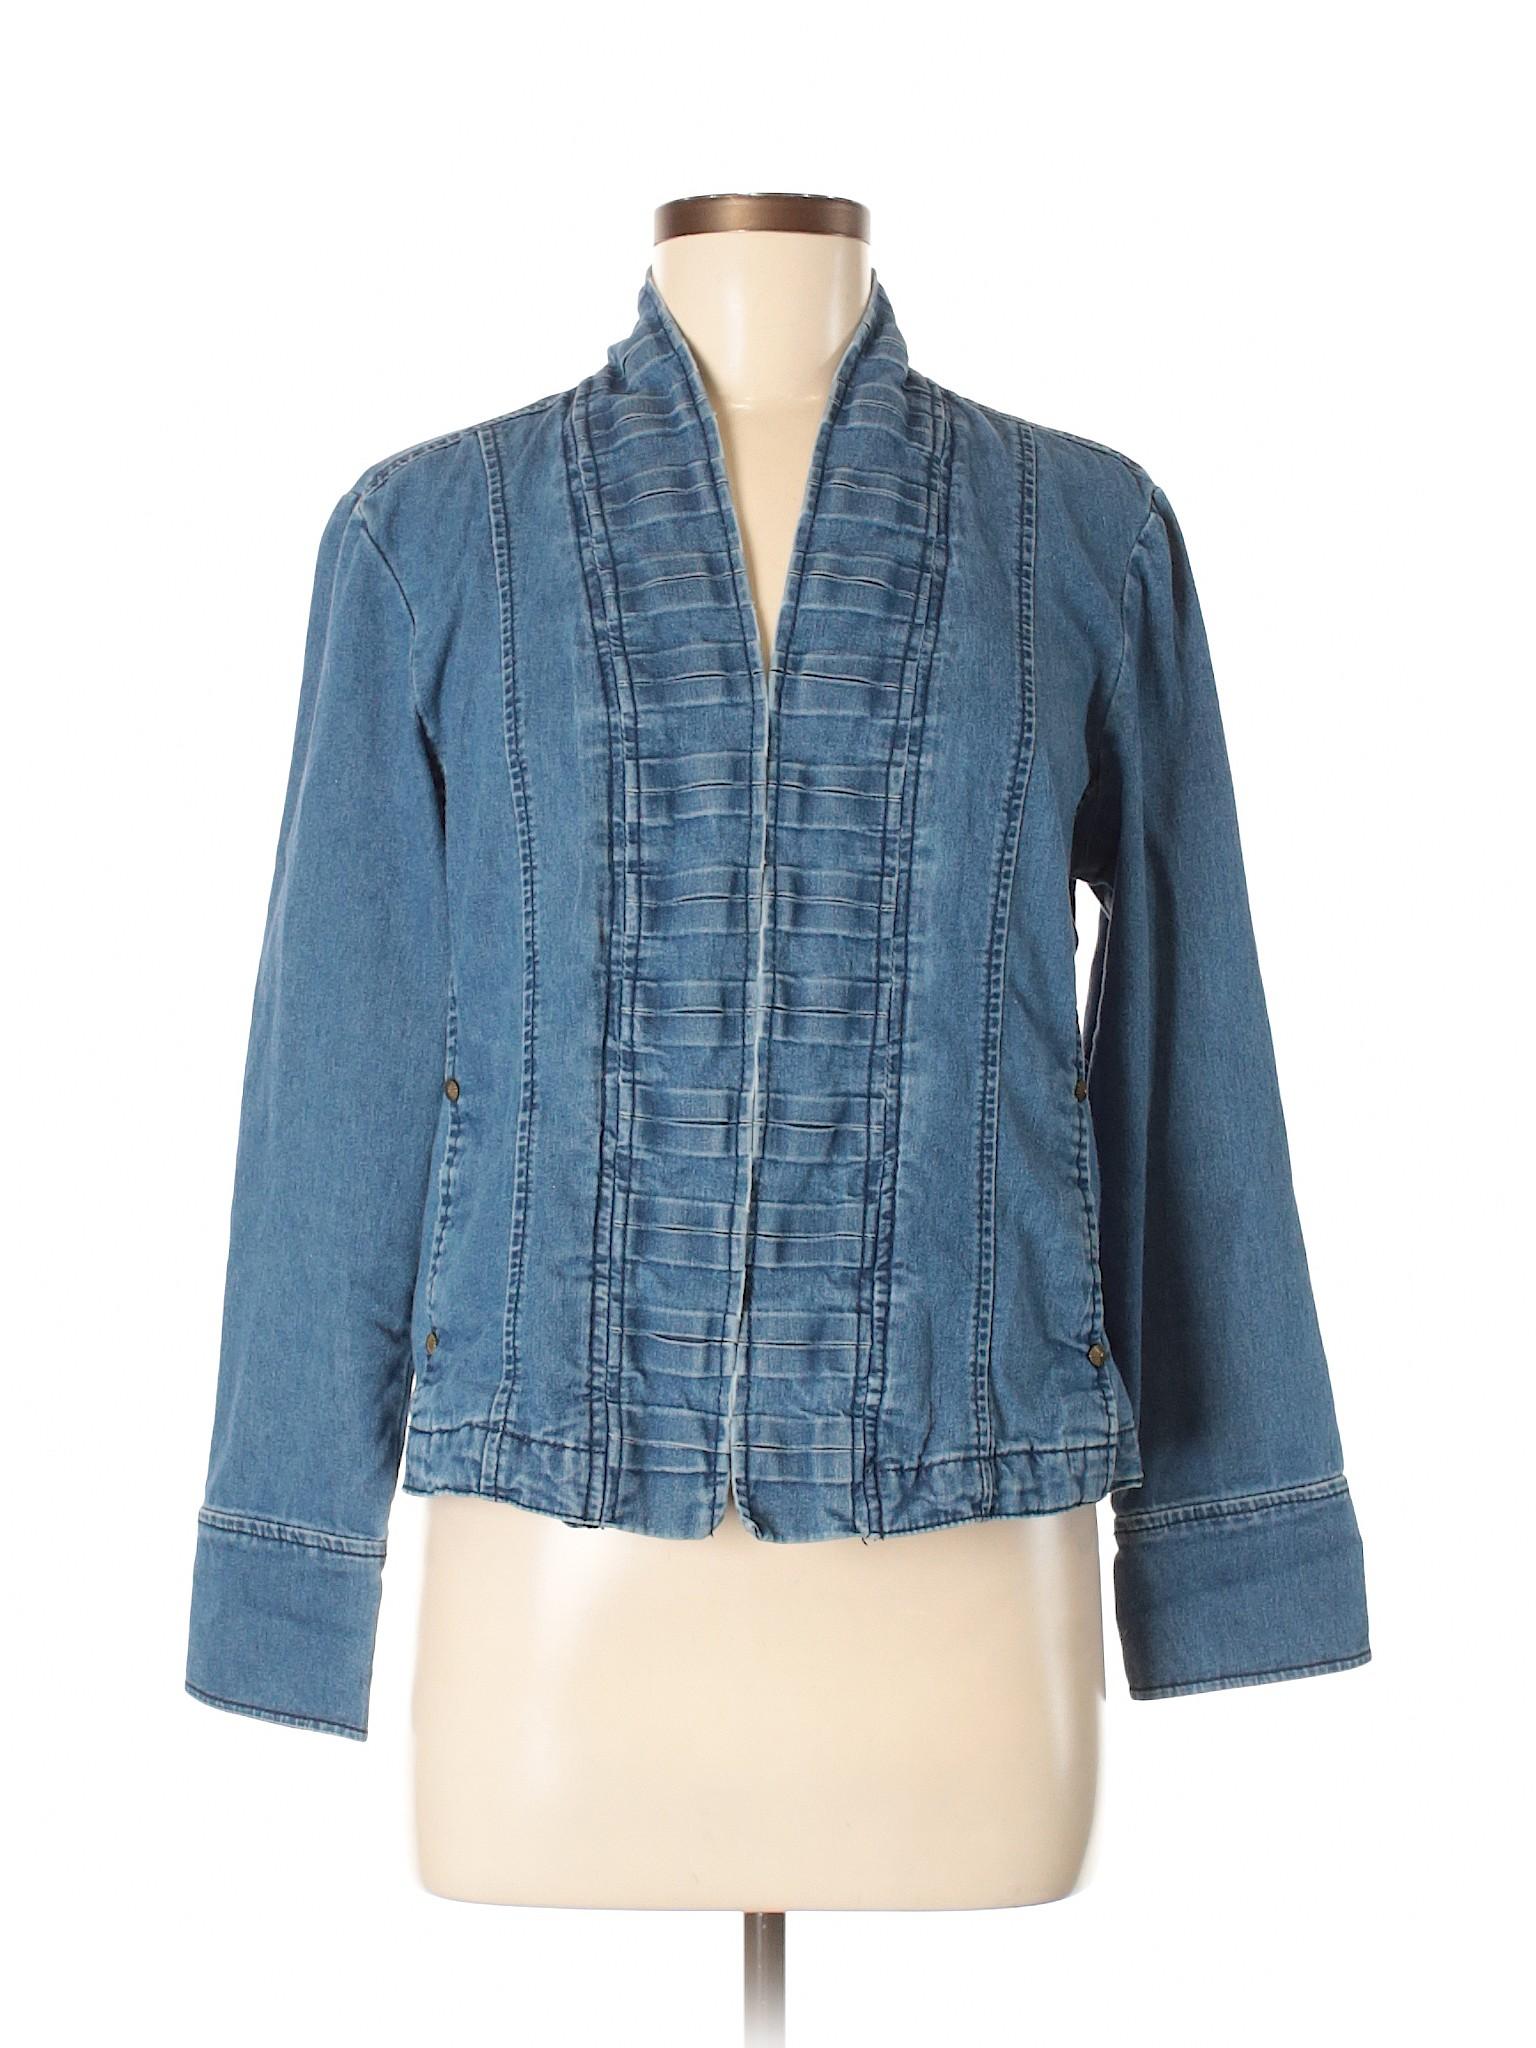 DressBarn Jacket Boutique Boutique leisure leisure Denim K6W7cT74v